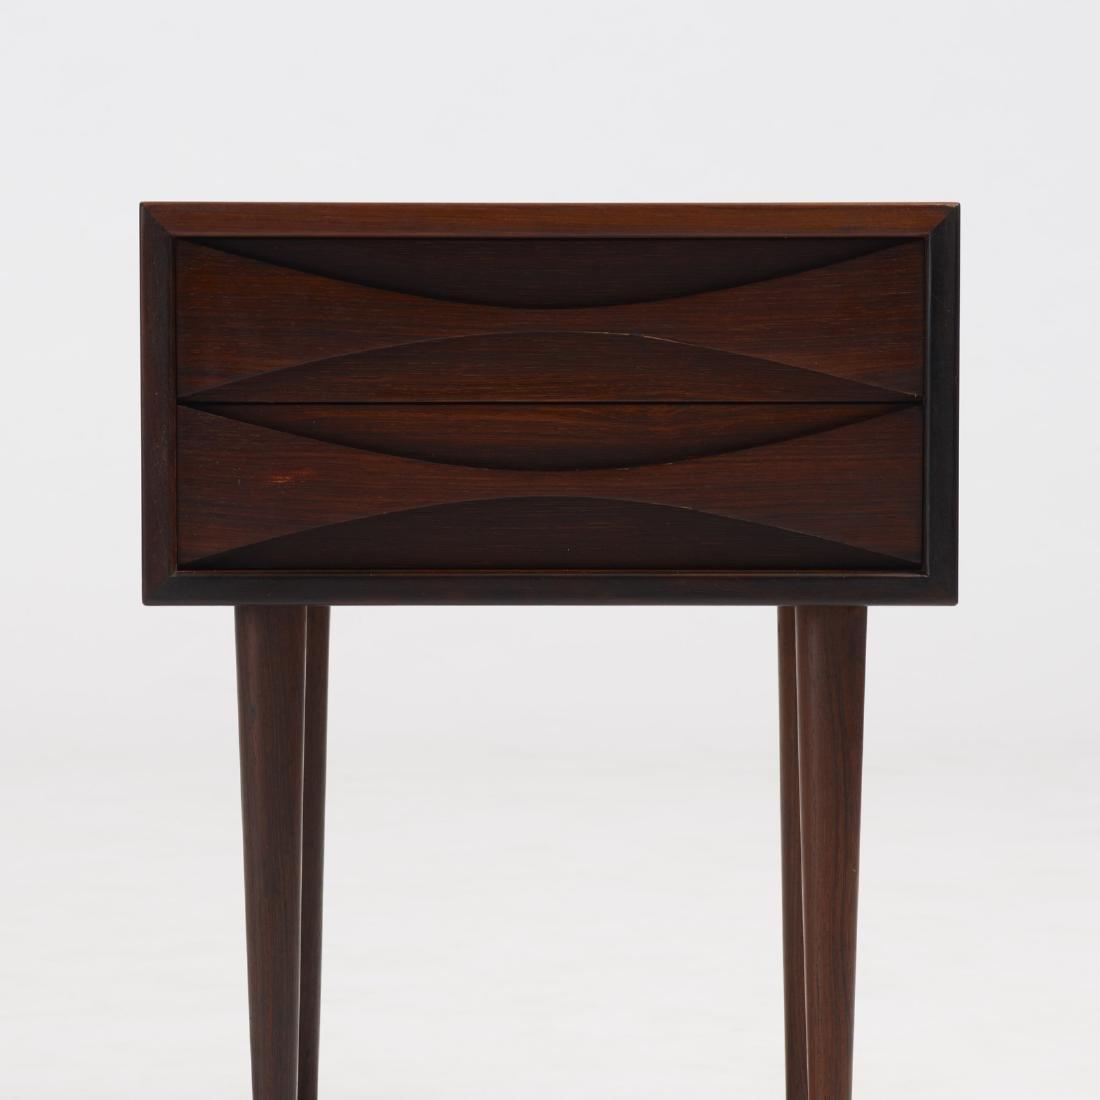 Arne Vodder, nightstands, pair - 2